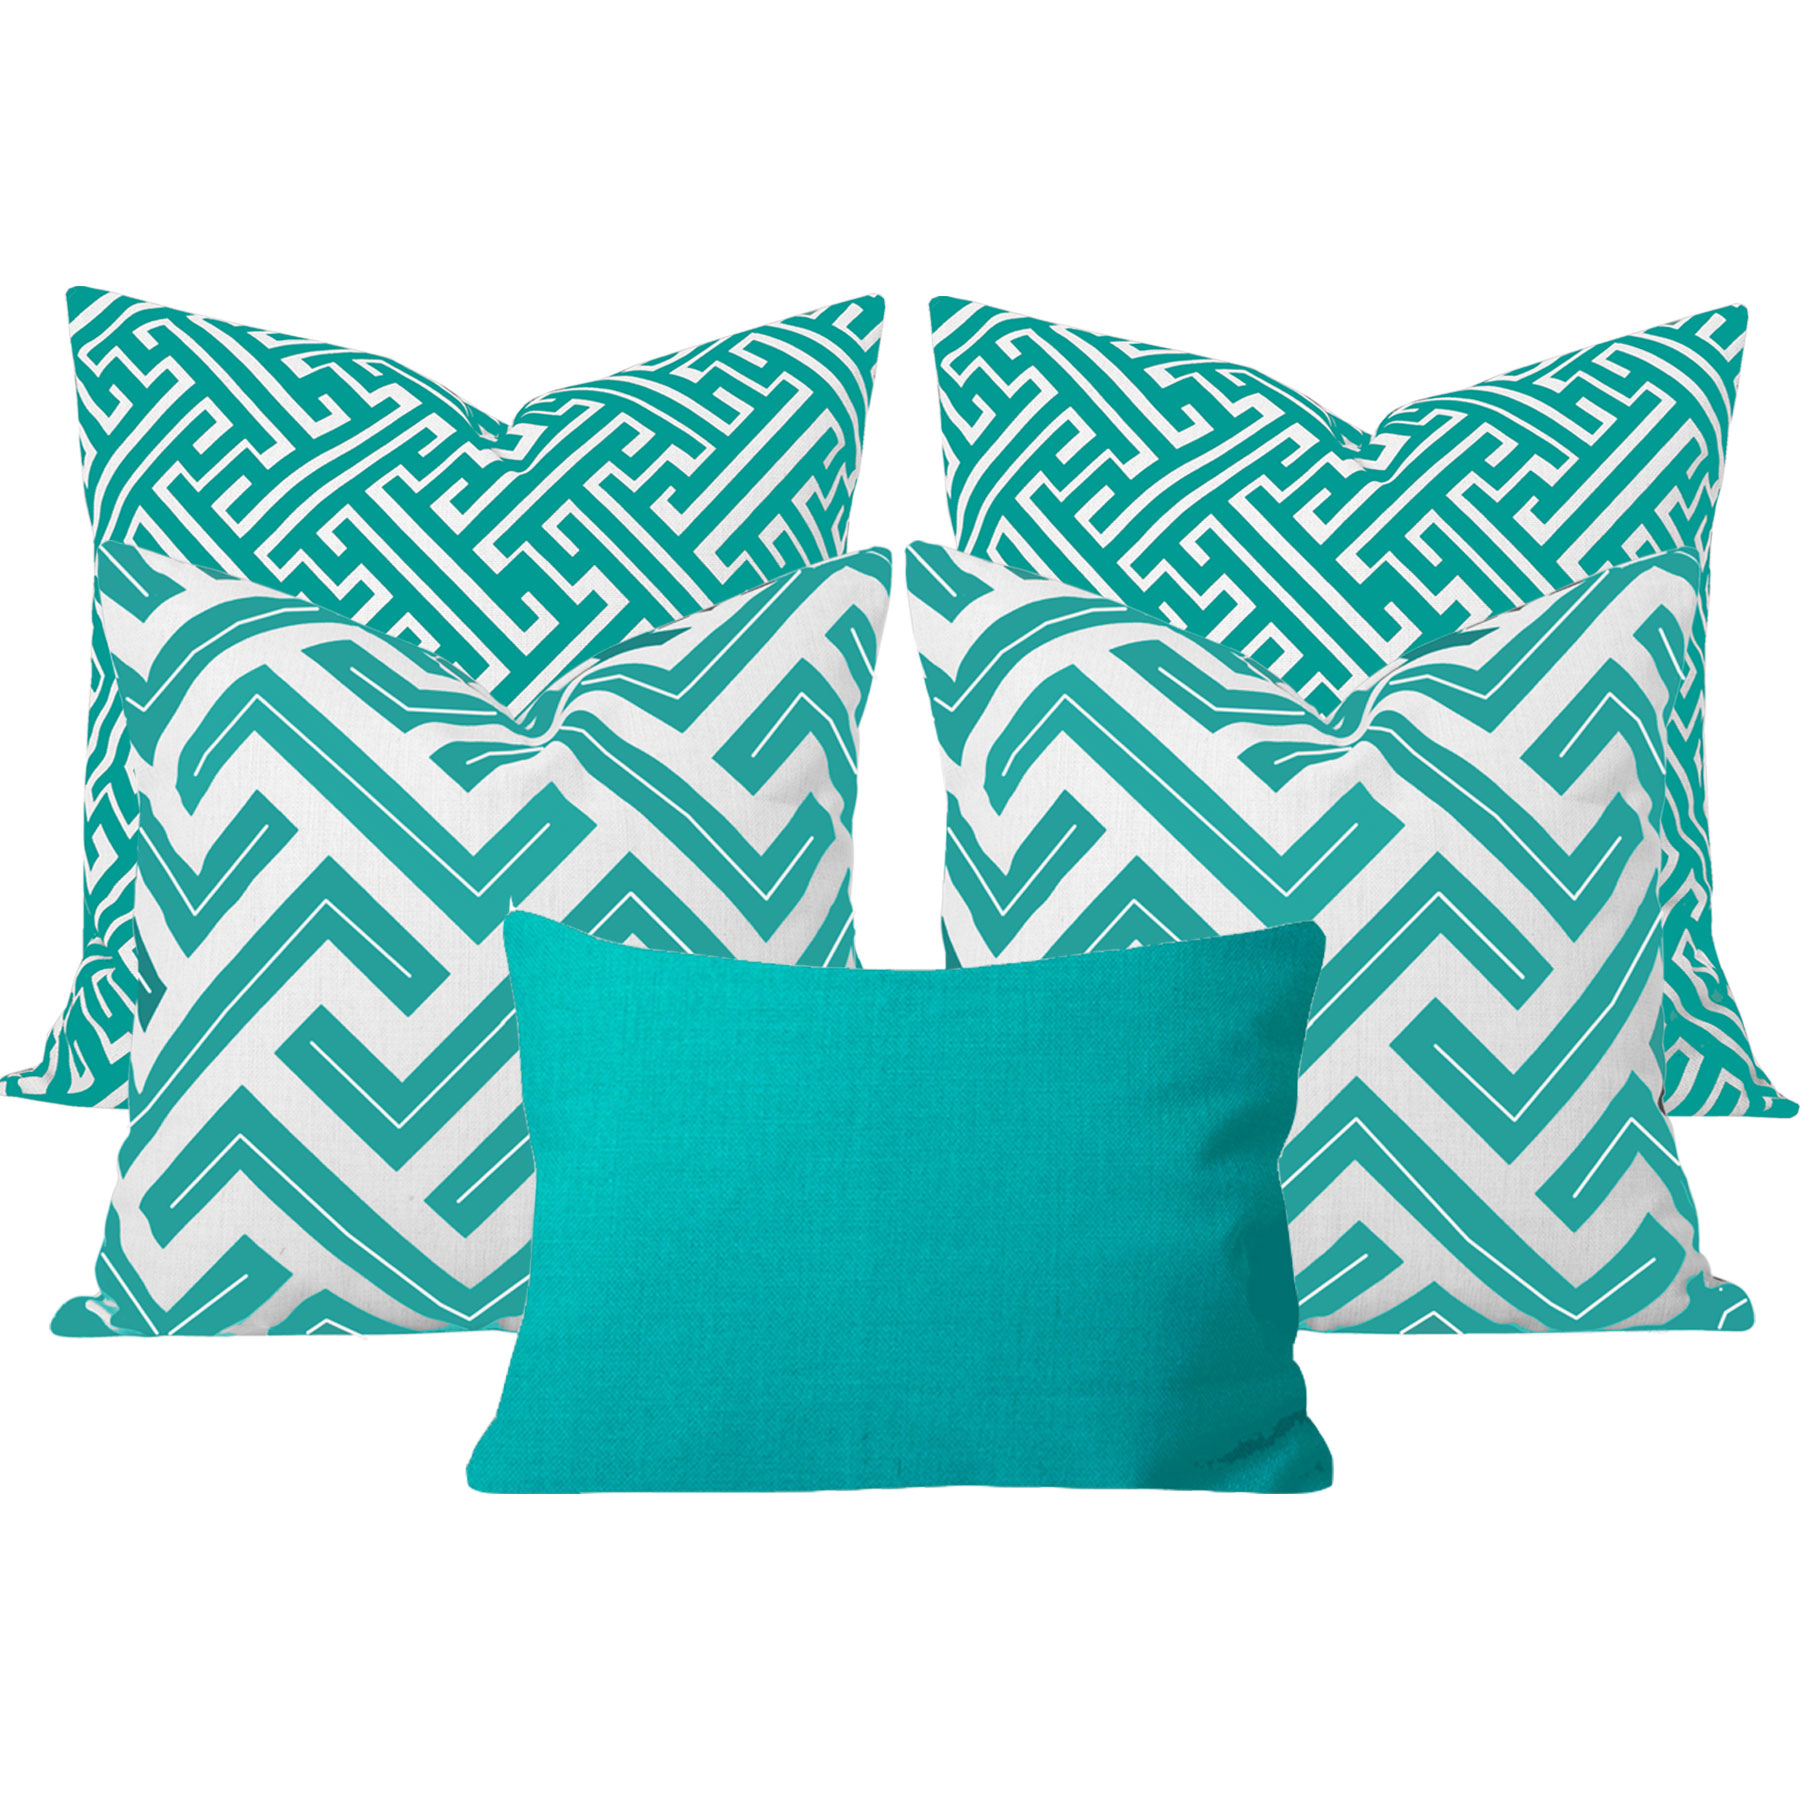 Zedd-Maze-Turquoise-5-Cushion-Set